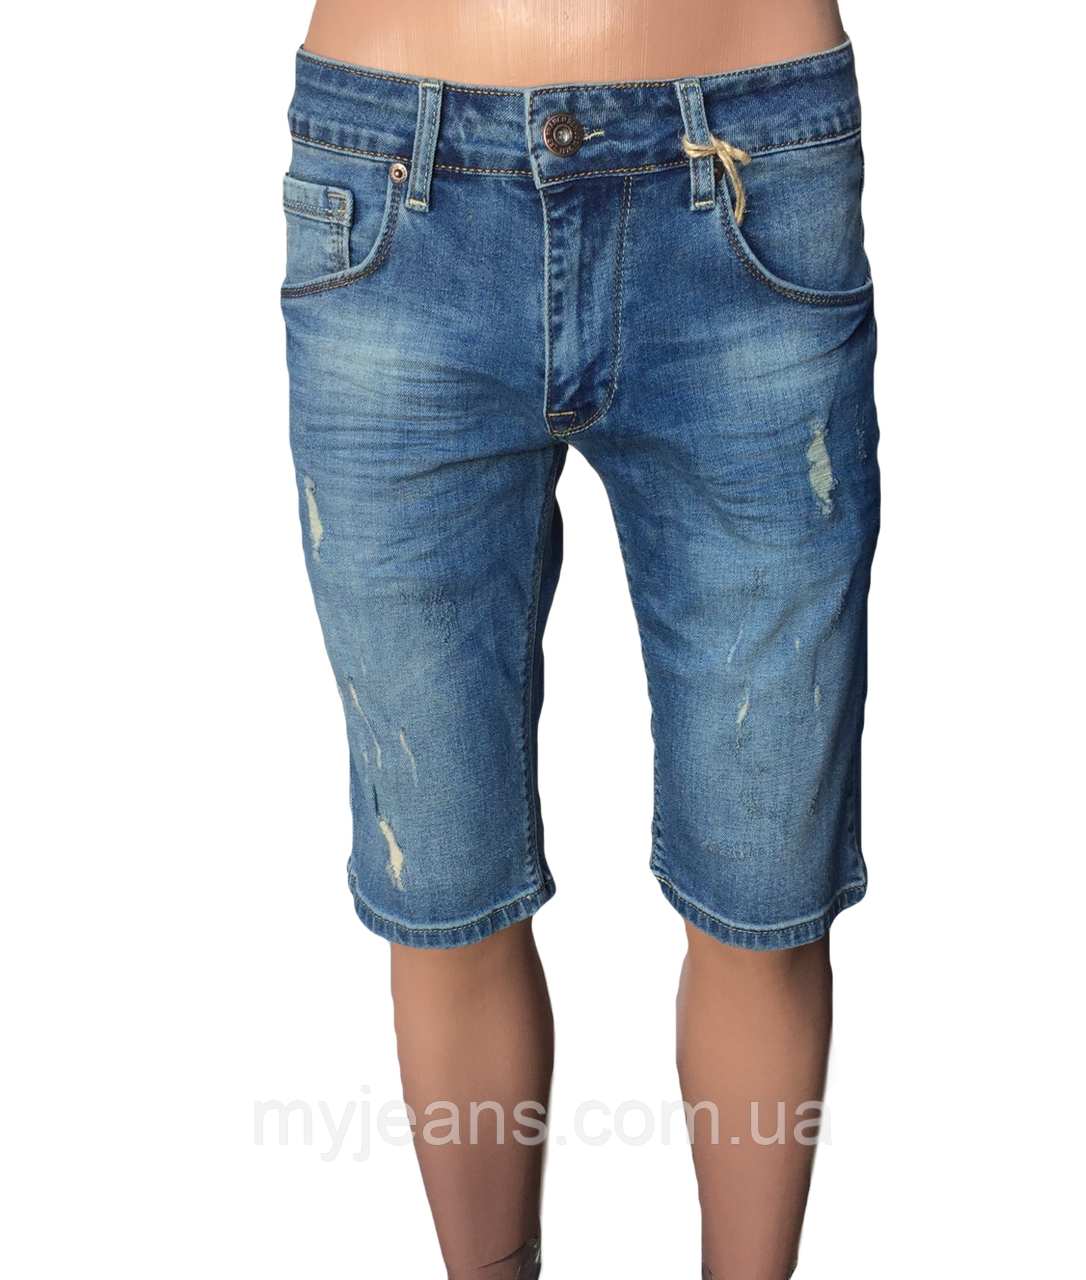 Шорты джинсоые мужские fb 17-335